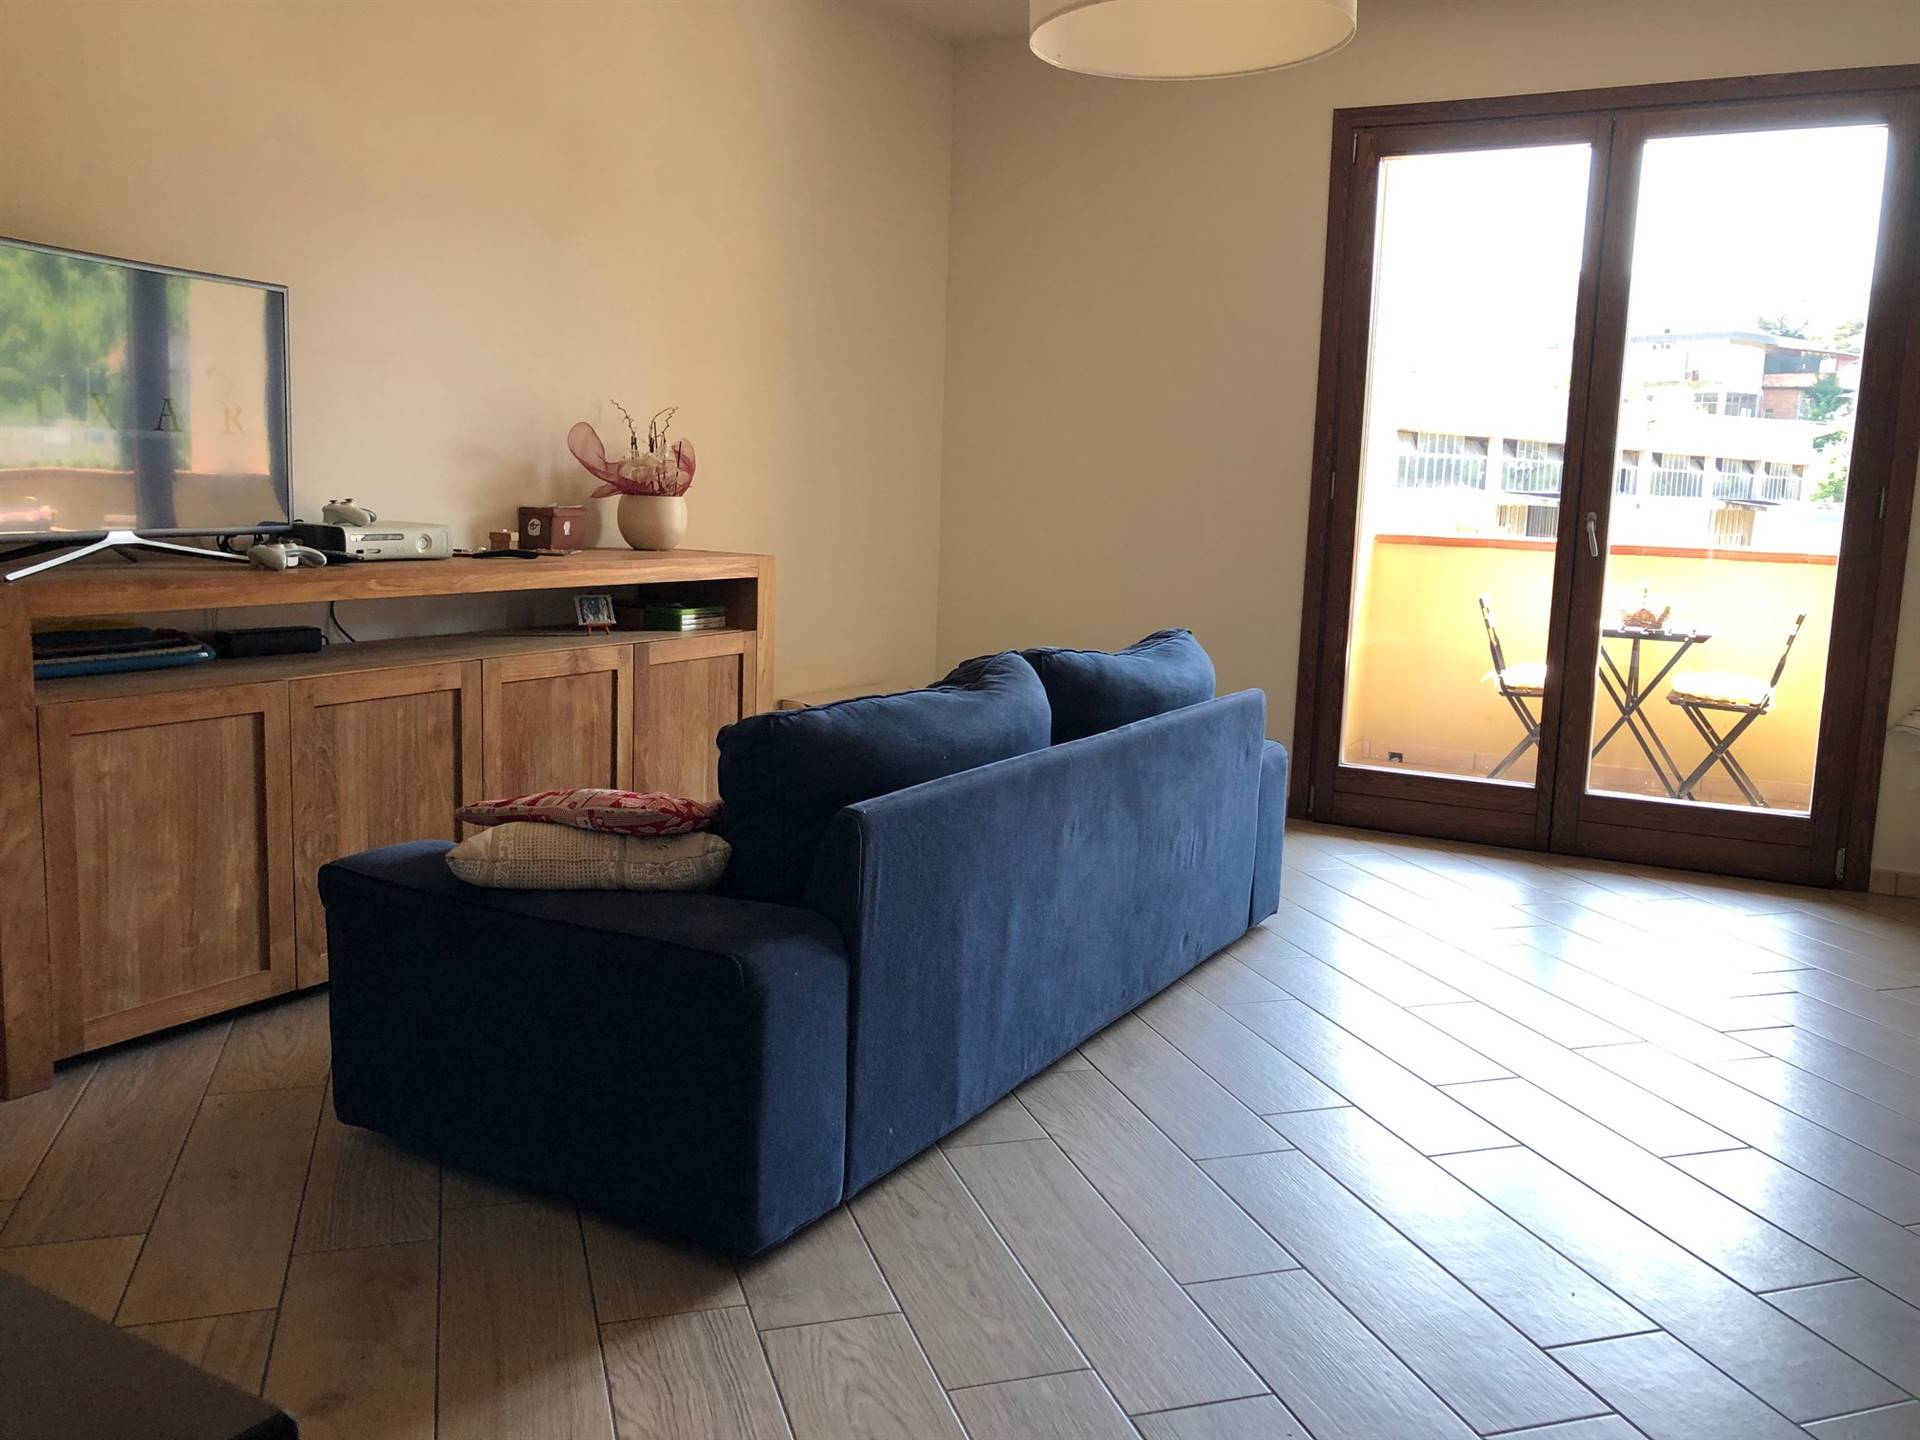 Appartamento in vendita a Pistoia, 3 locali, zona oia ovest, prezzo € 195.000 | PortaleAgenzieImmobiliari.it